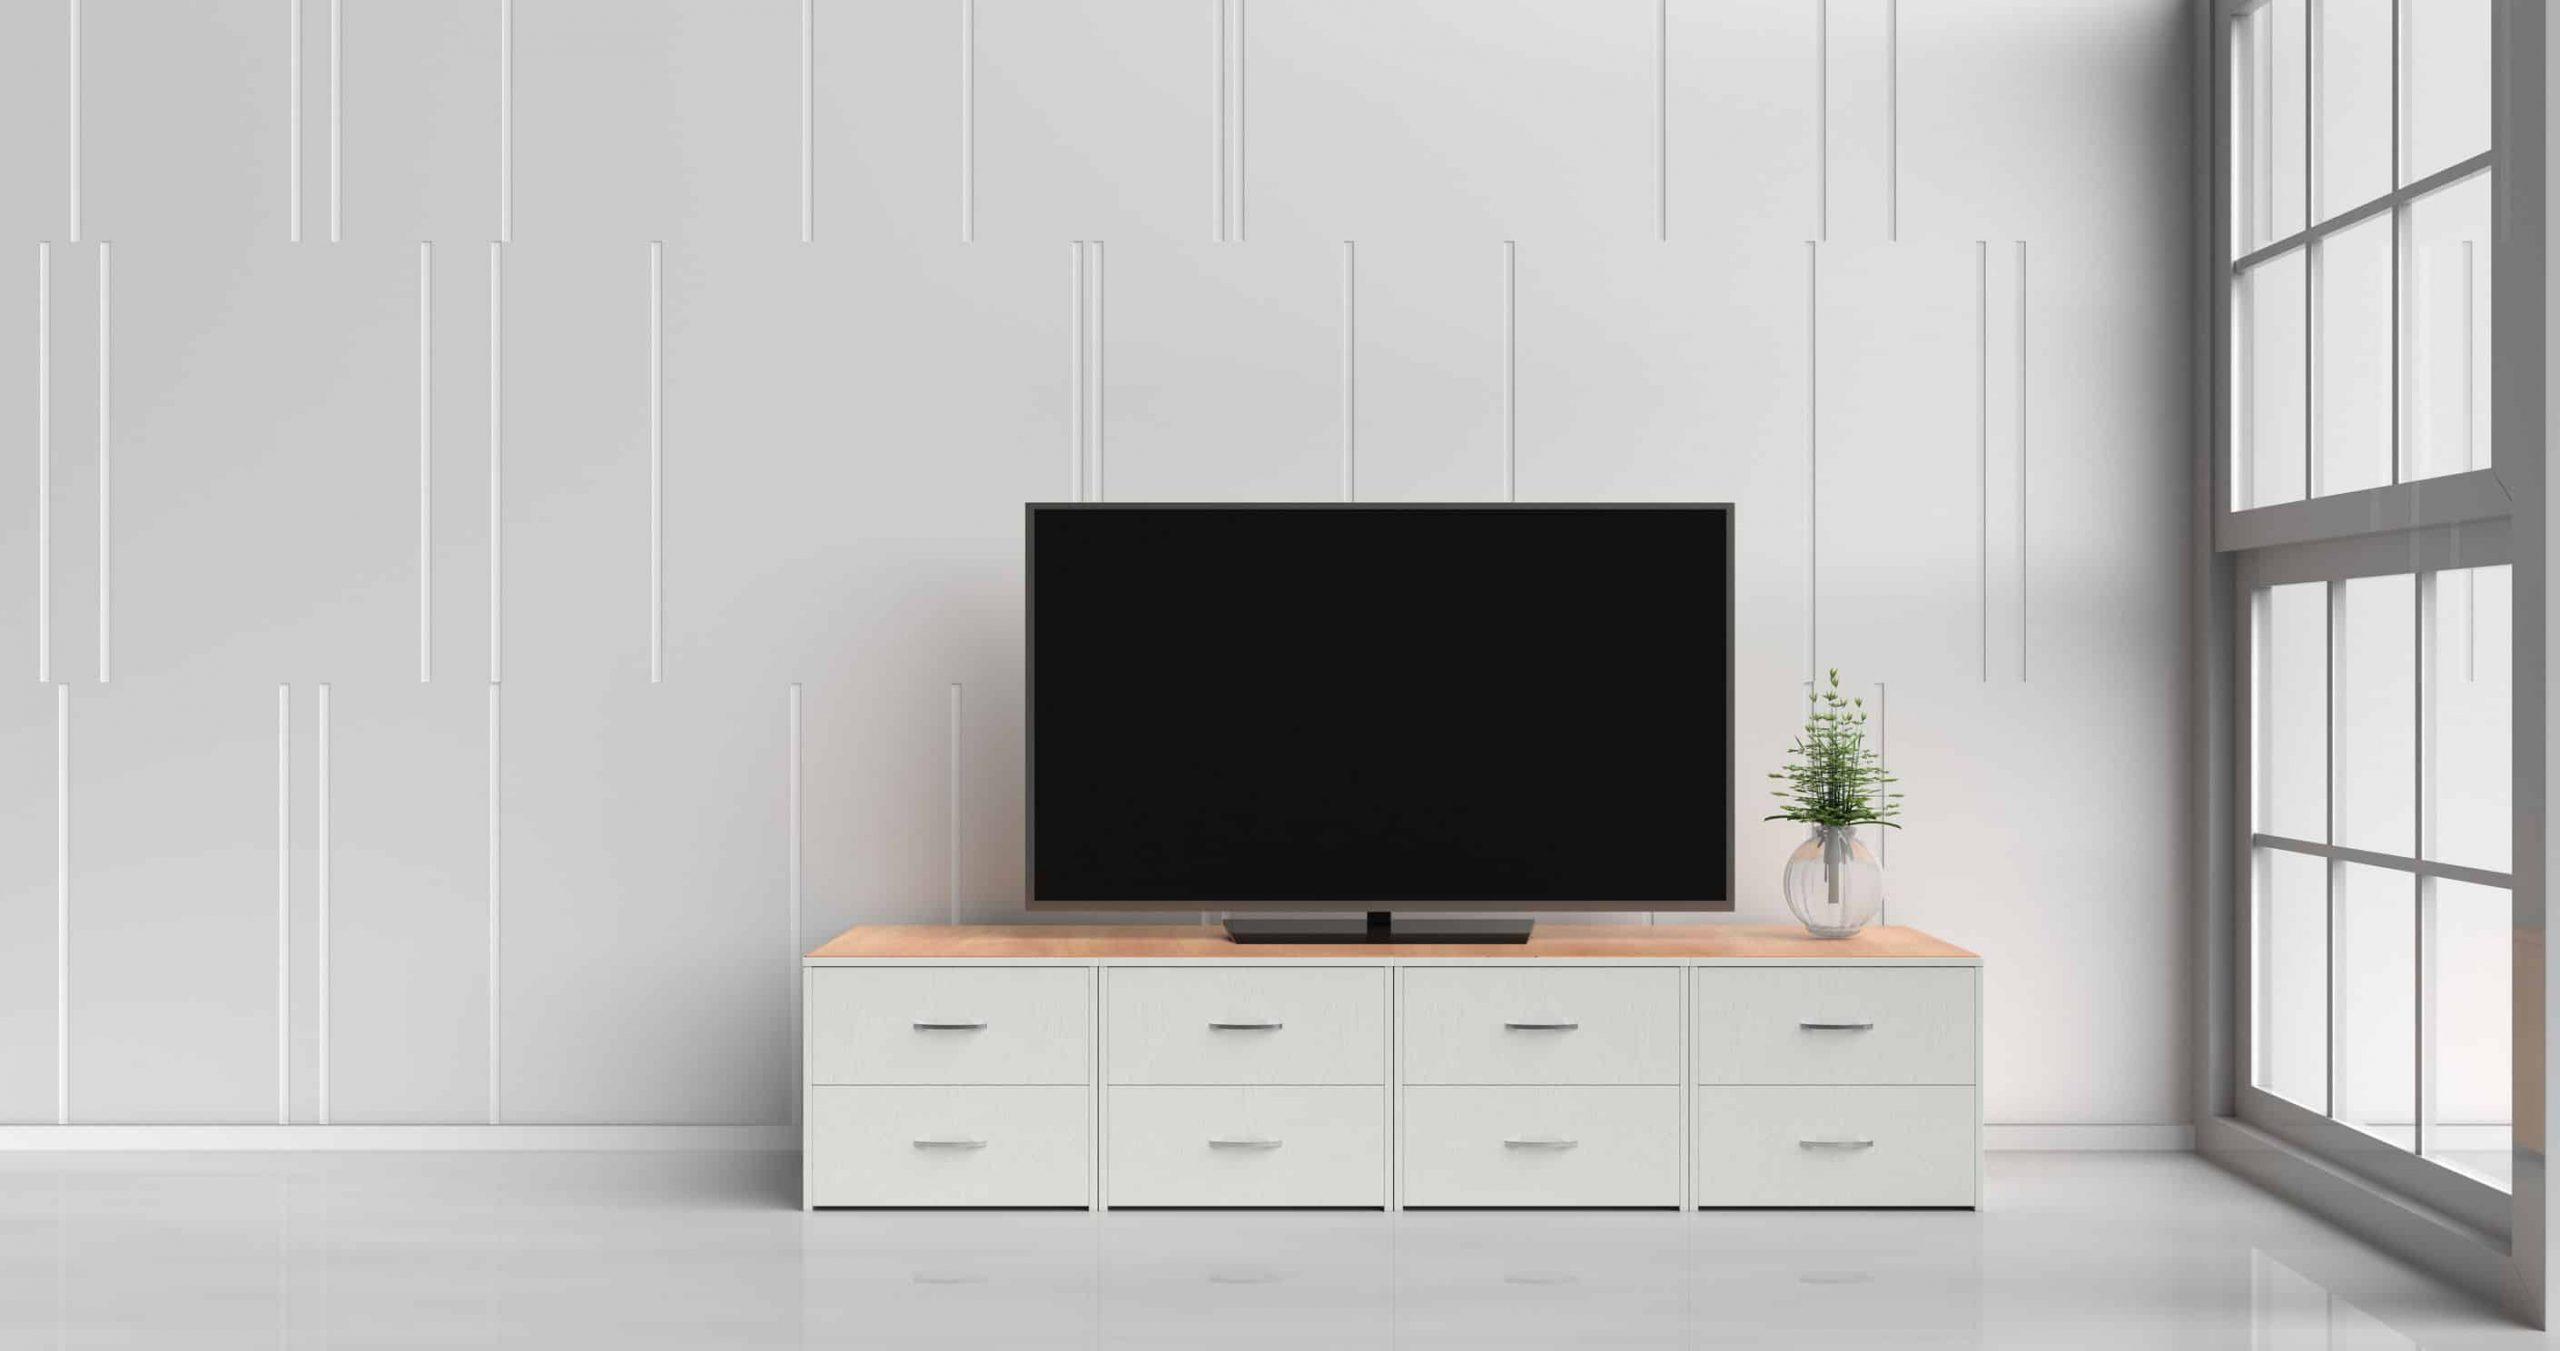 Muebles para TV: ¿Cuáles son los mejores del 2020?